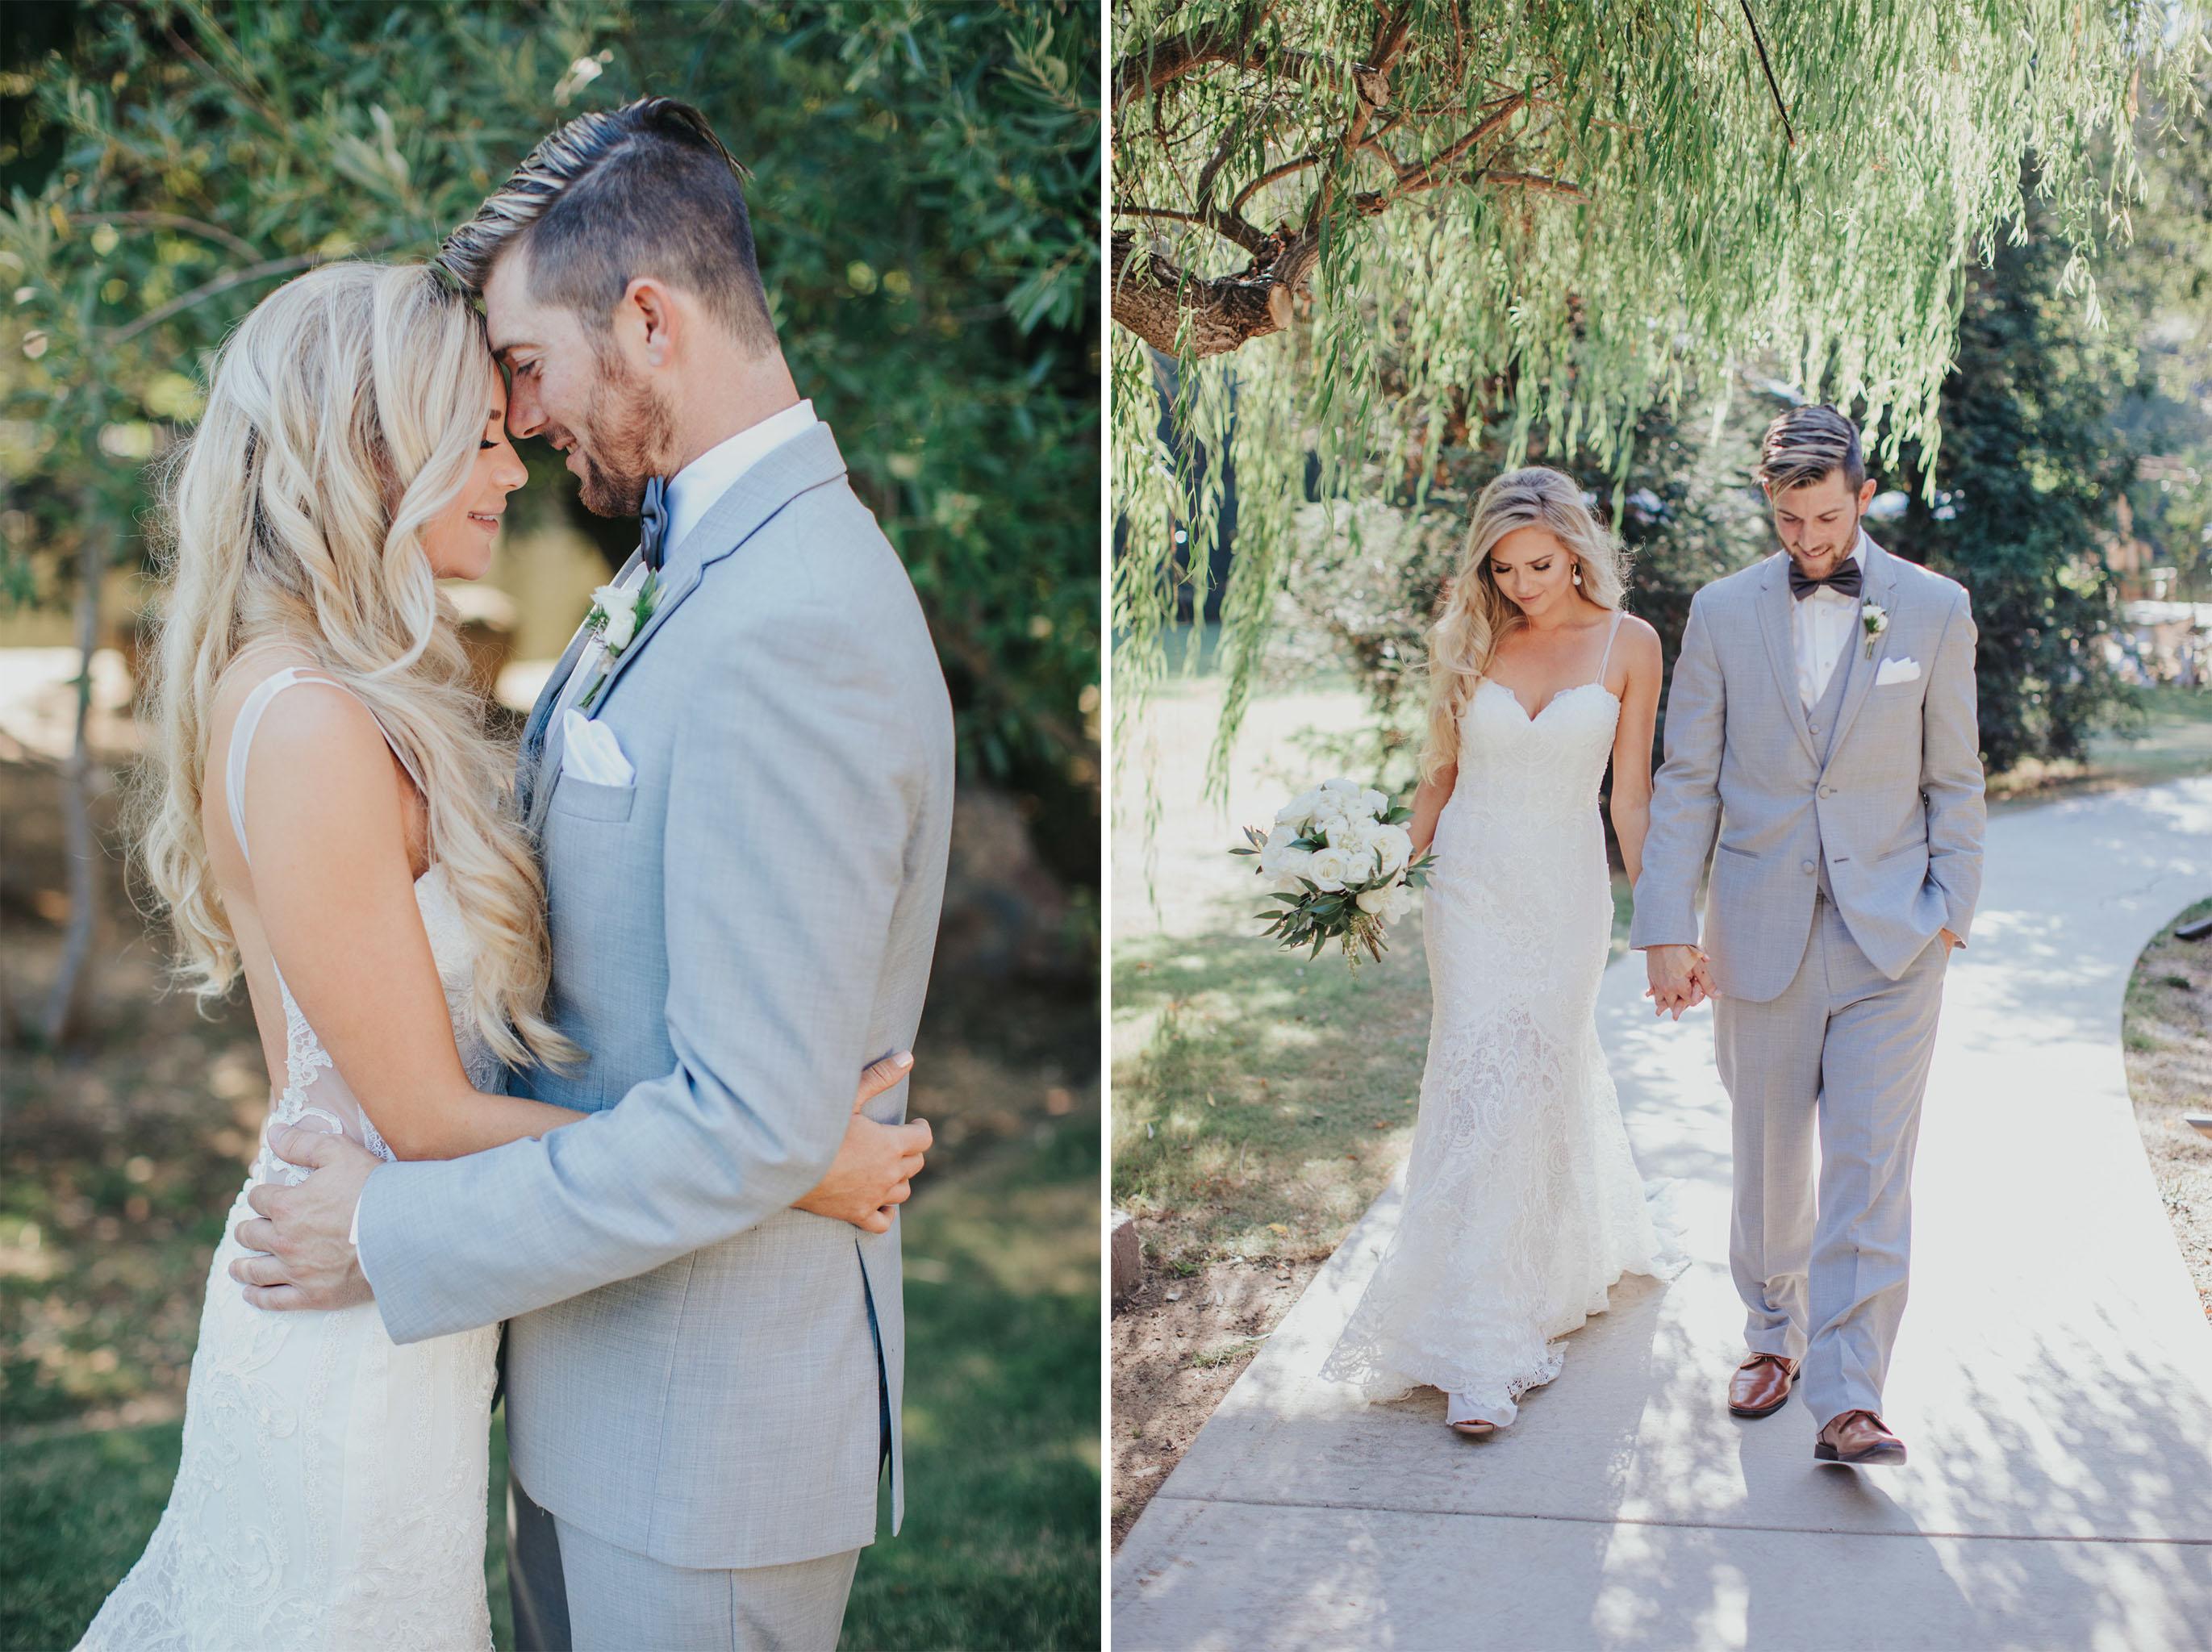 Wedding Stroll | Calamigos Wedding